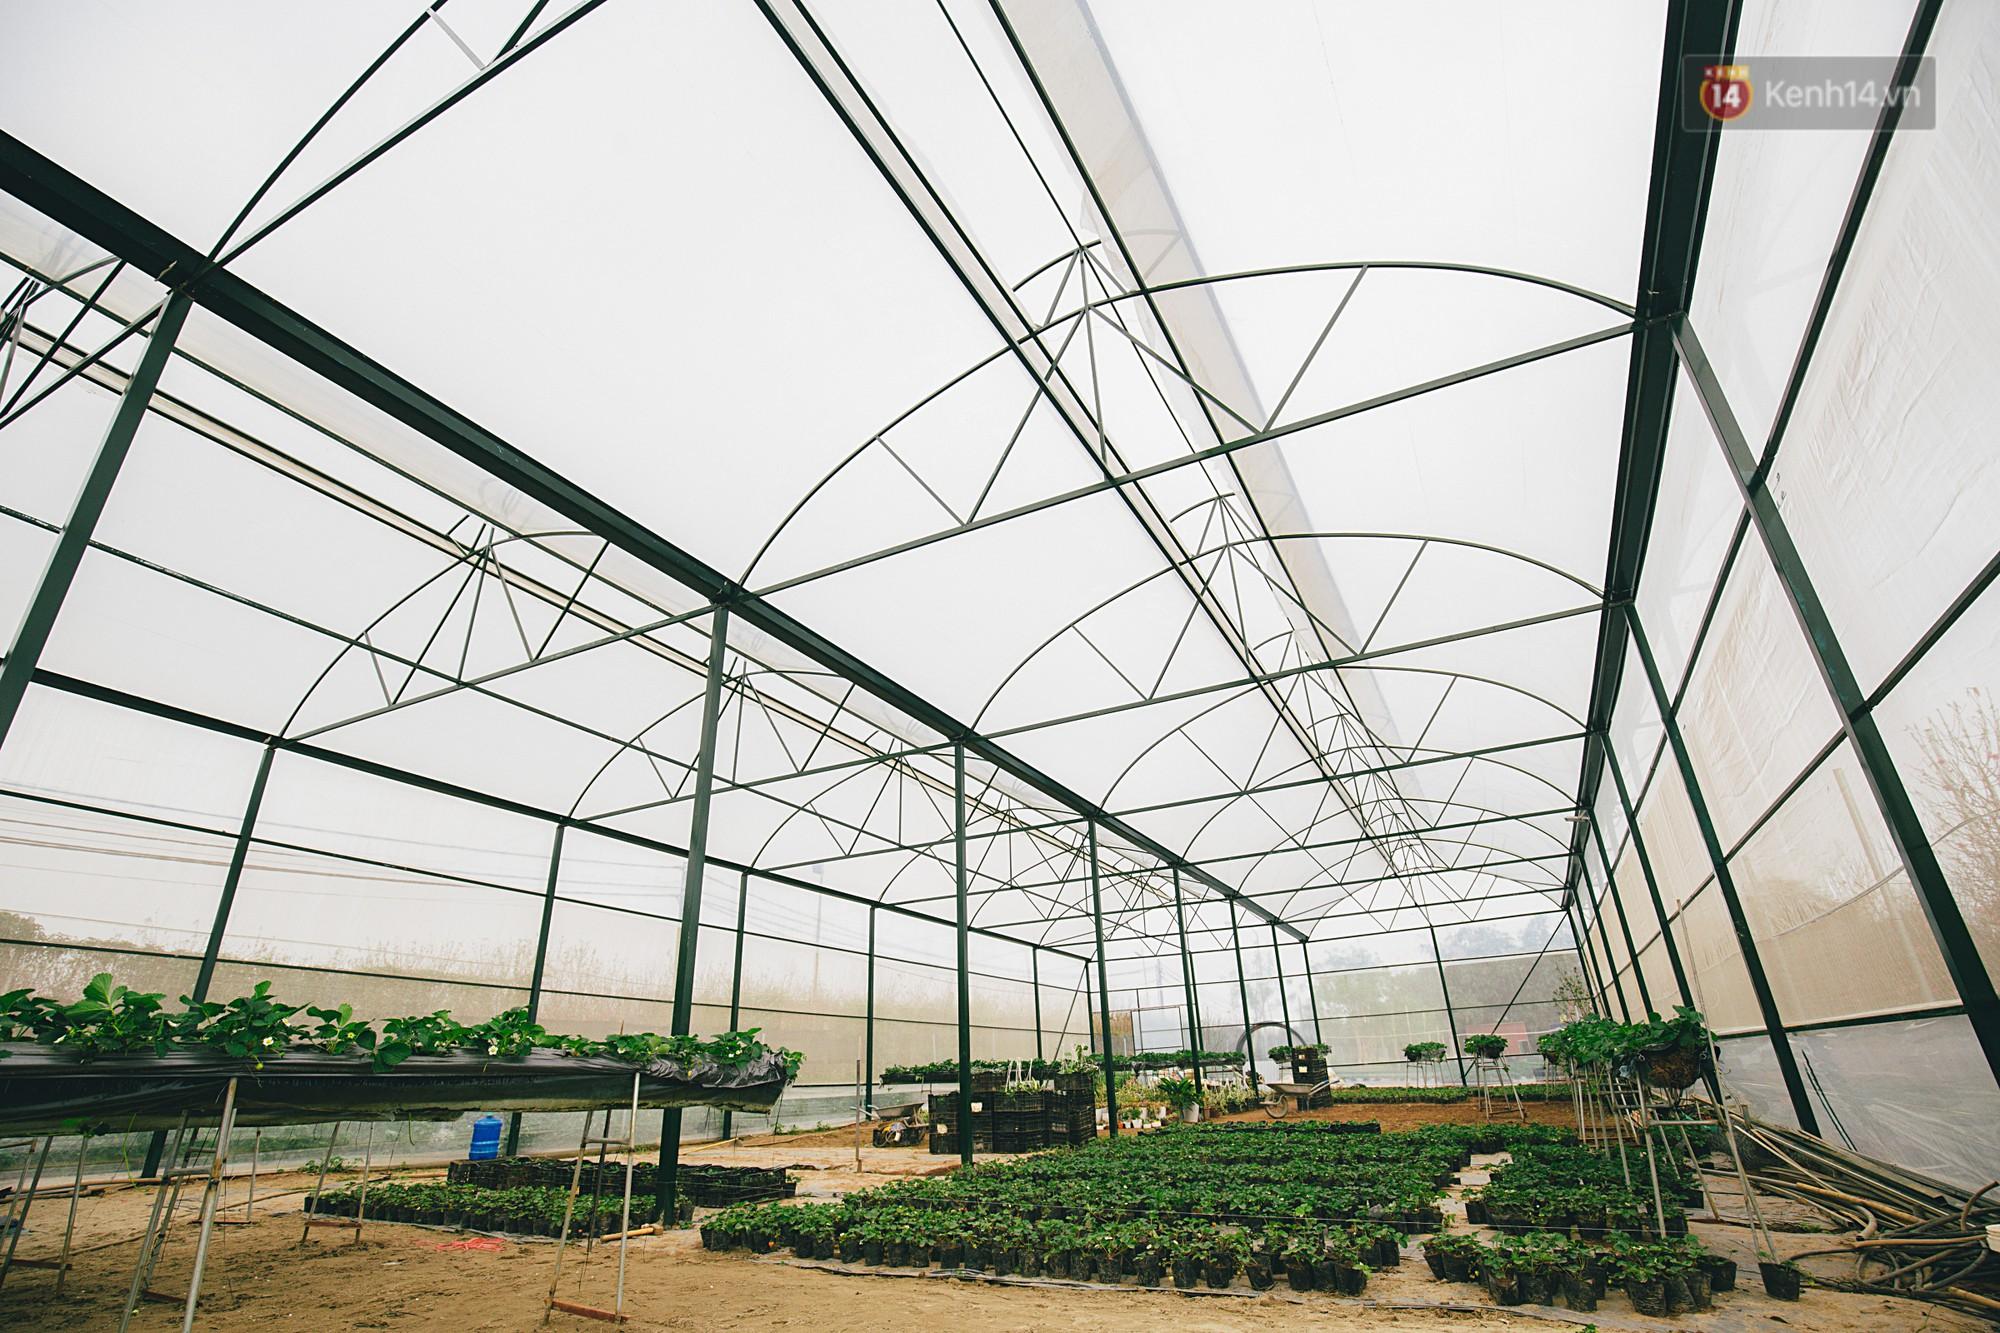 Chimi Farm 3 với diện tích 4000m2 và sẽ mở rộng lên 1 ha trong thời gian tới